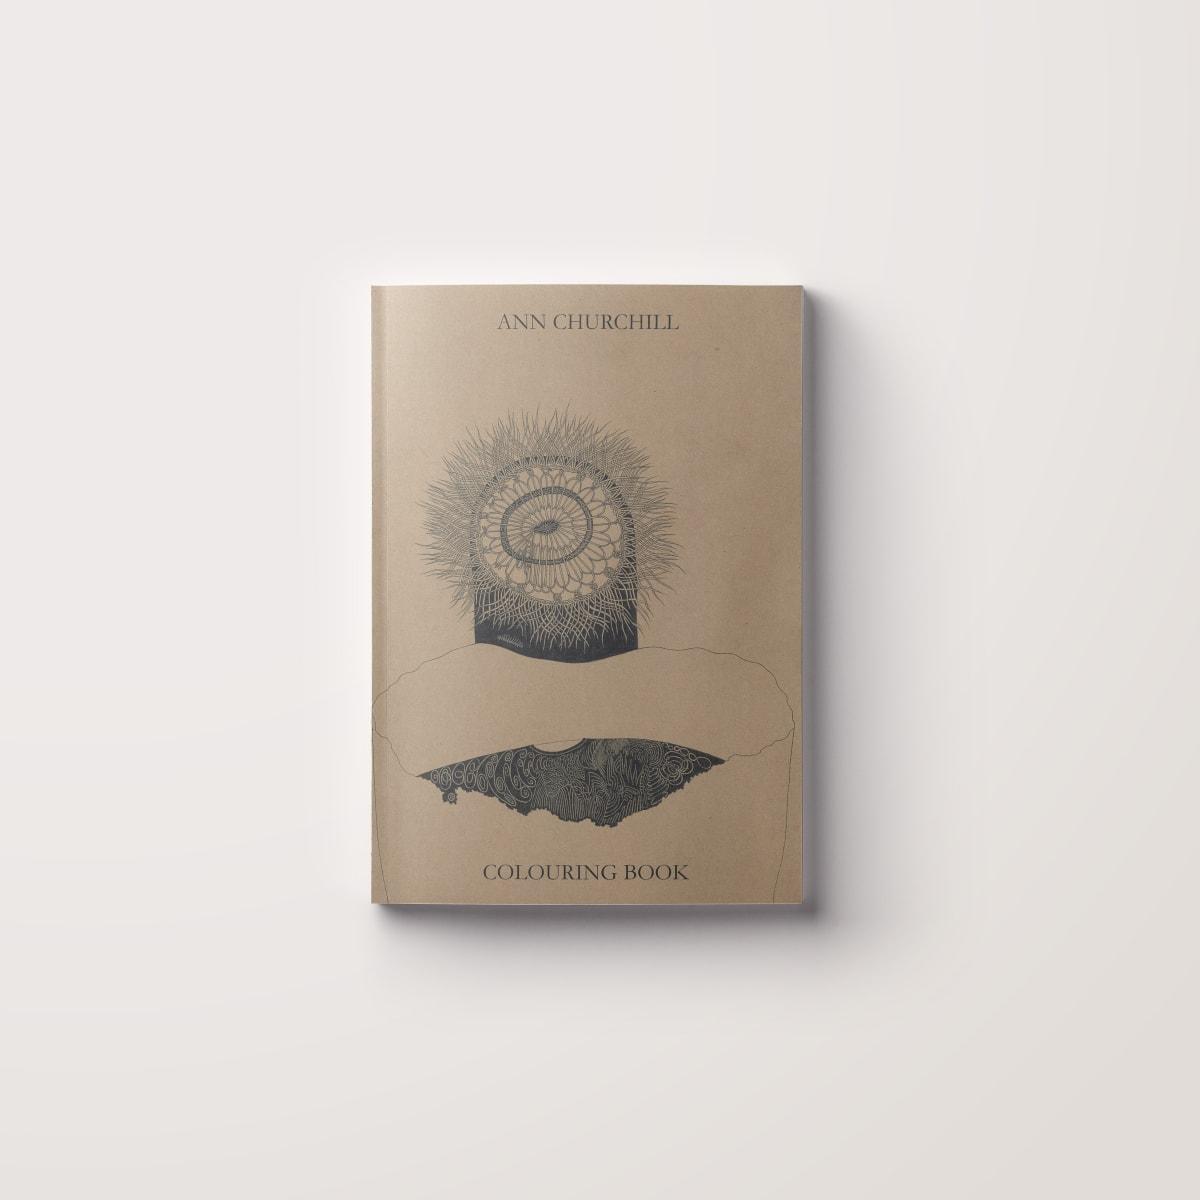 Ann Churchill, Colouring book